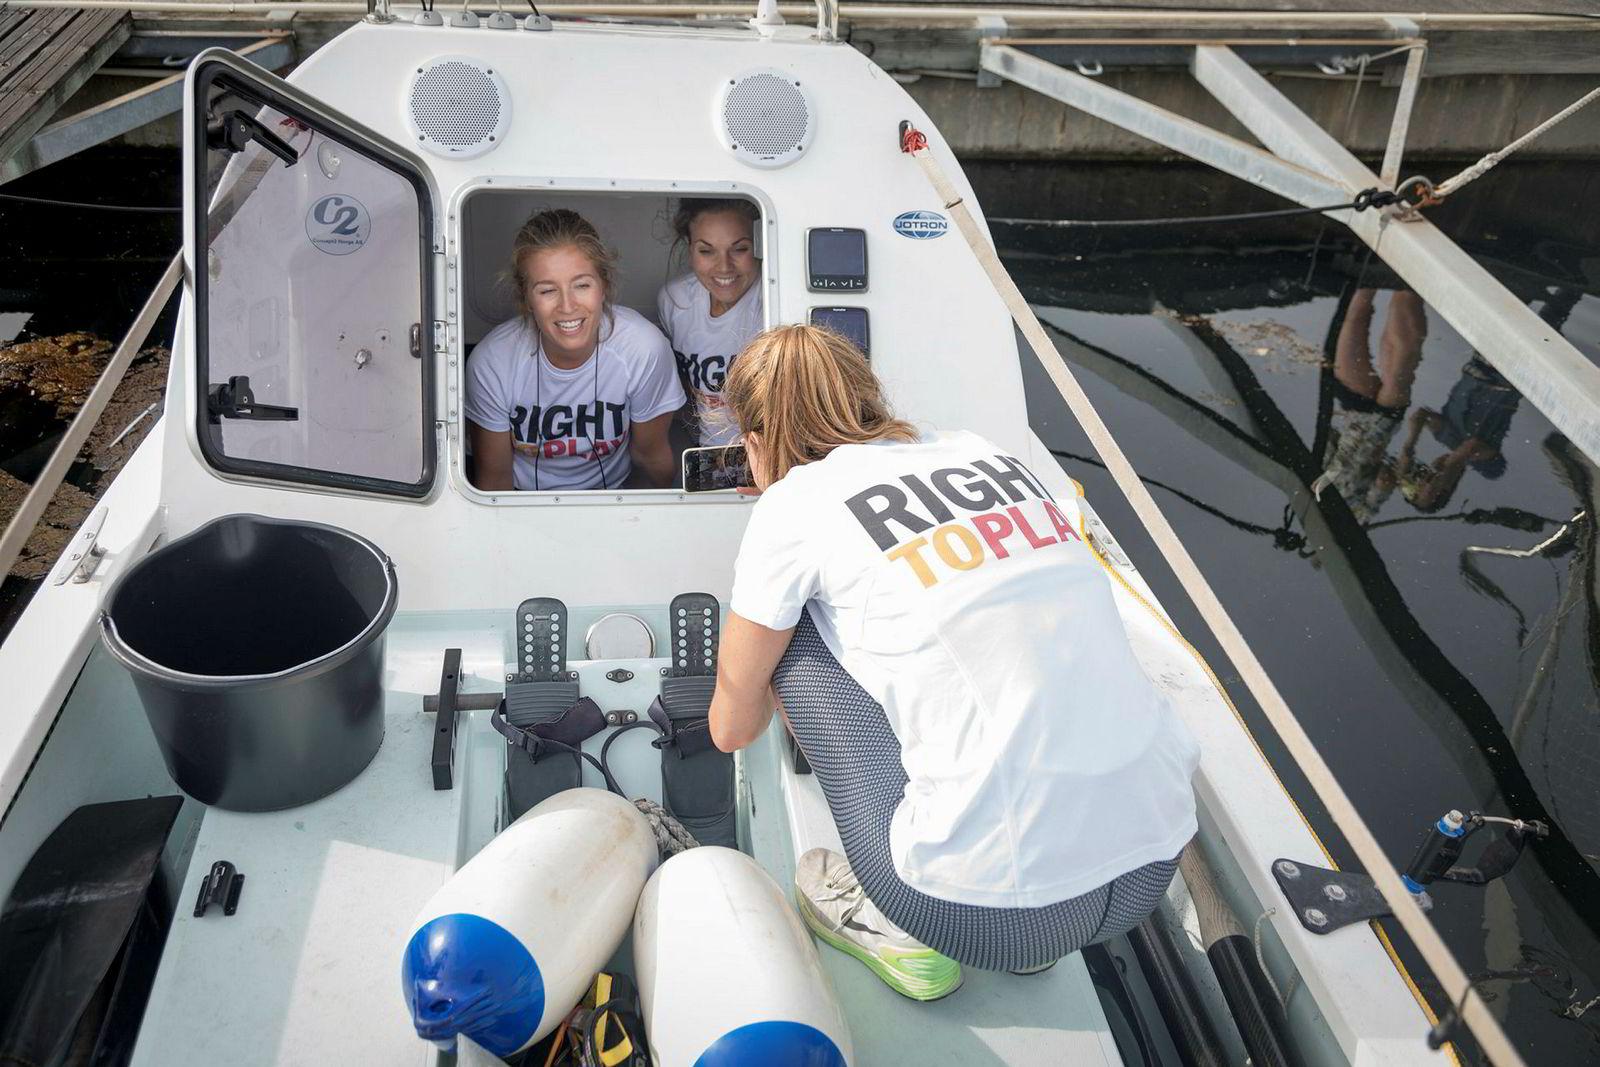 Sophie Stabell fotograferer Cornelia Bull, til venstre og Hege Svendsberget i akterkabinen på robåten de skal bruke over Atlanterhavet. Bildet skal brukes på hjemmesiden til jentene som kaller seg Rowegians. Bøtten til venstre er for øvrig båtens toalett.